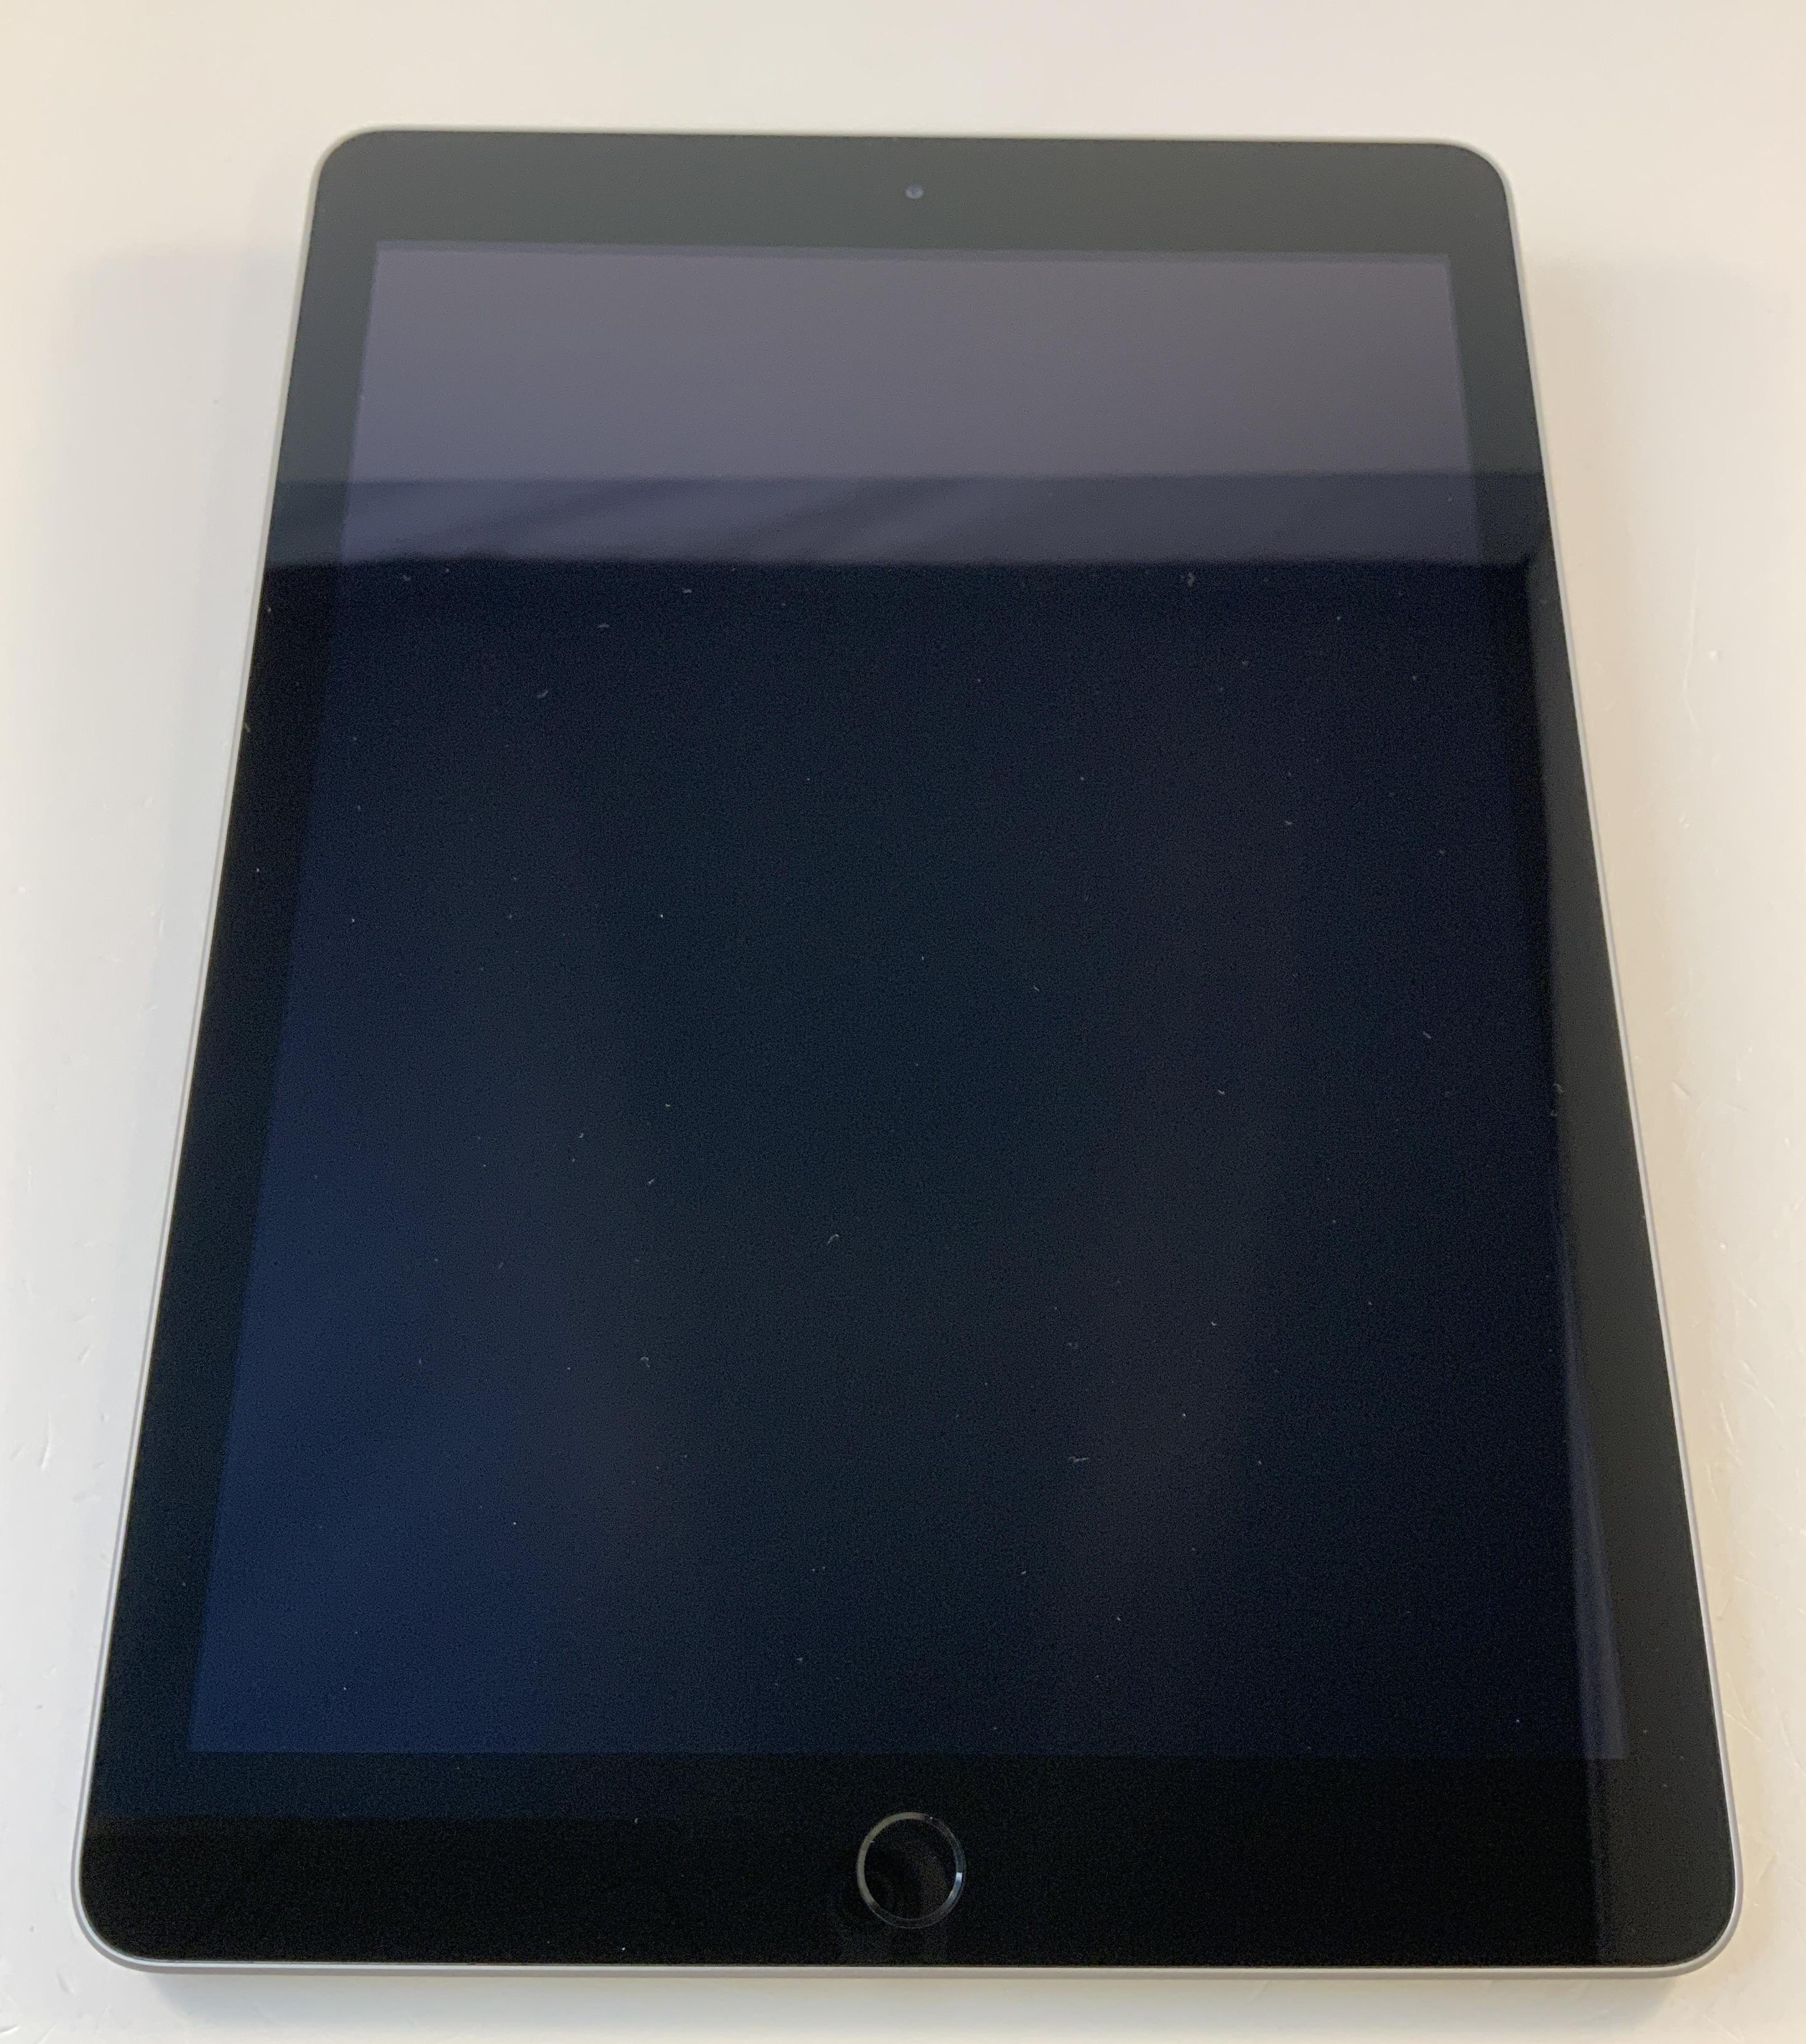 iPad 5 Wi-Fi 32GB, 32GB, Space Gray, immagine 1